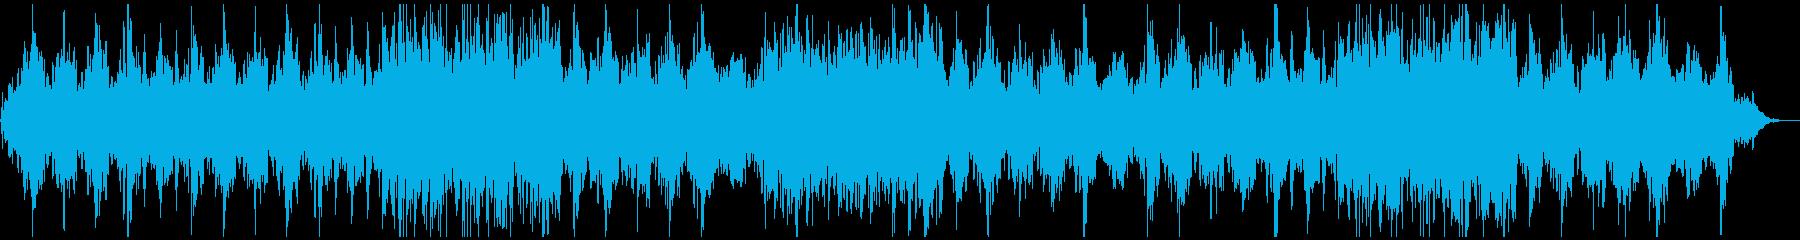 瞑想やヨガ、睡眠誘導のための音楽 05bの再生済みの波形